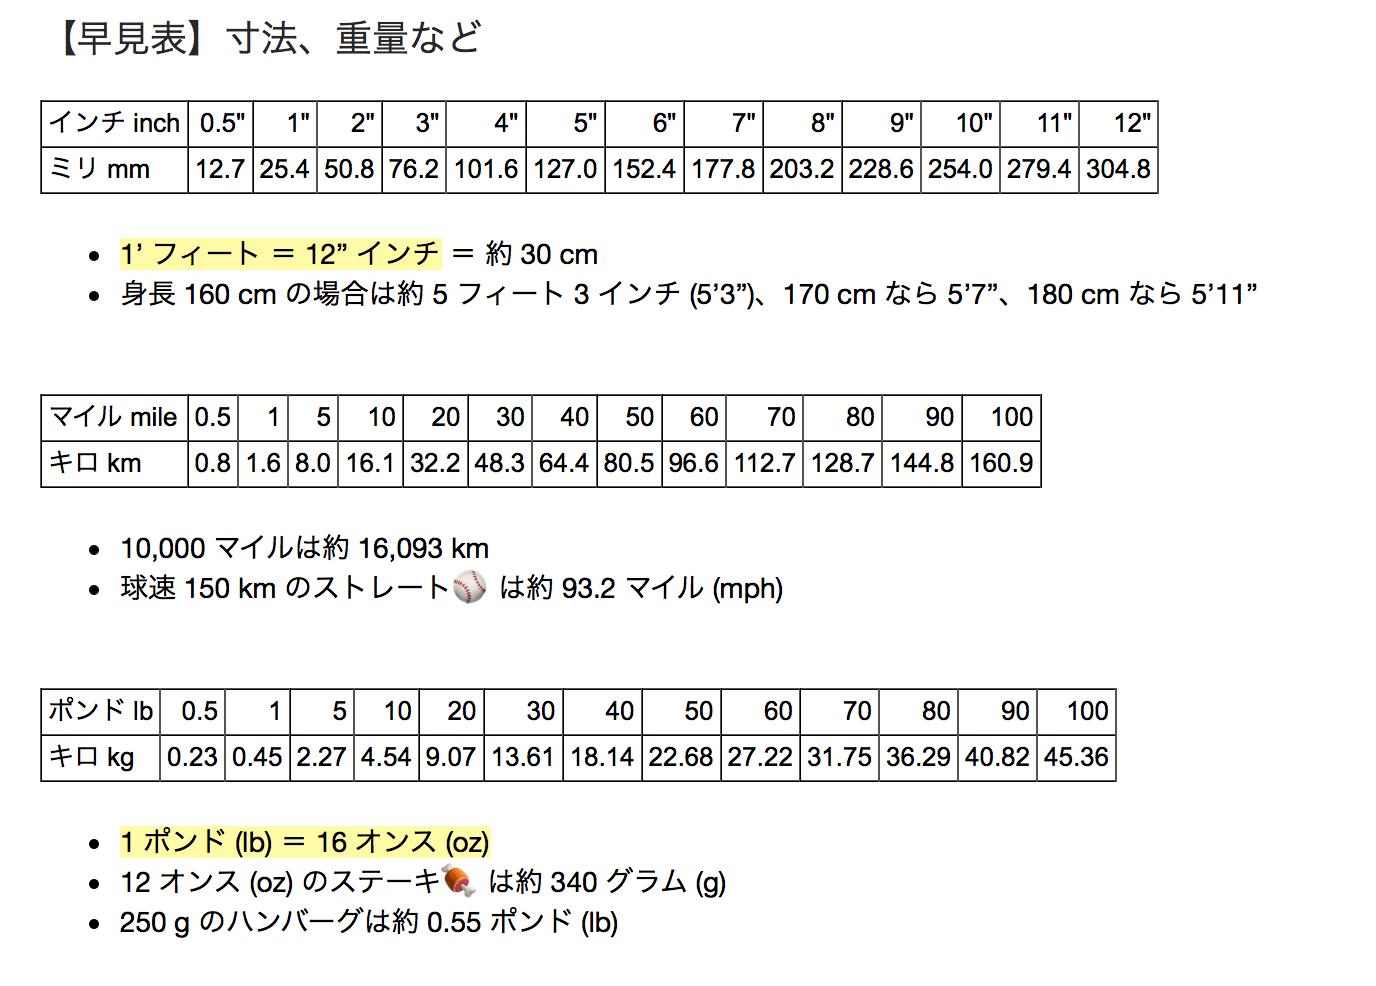 寸法-重量_2